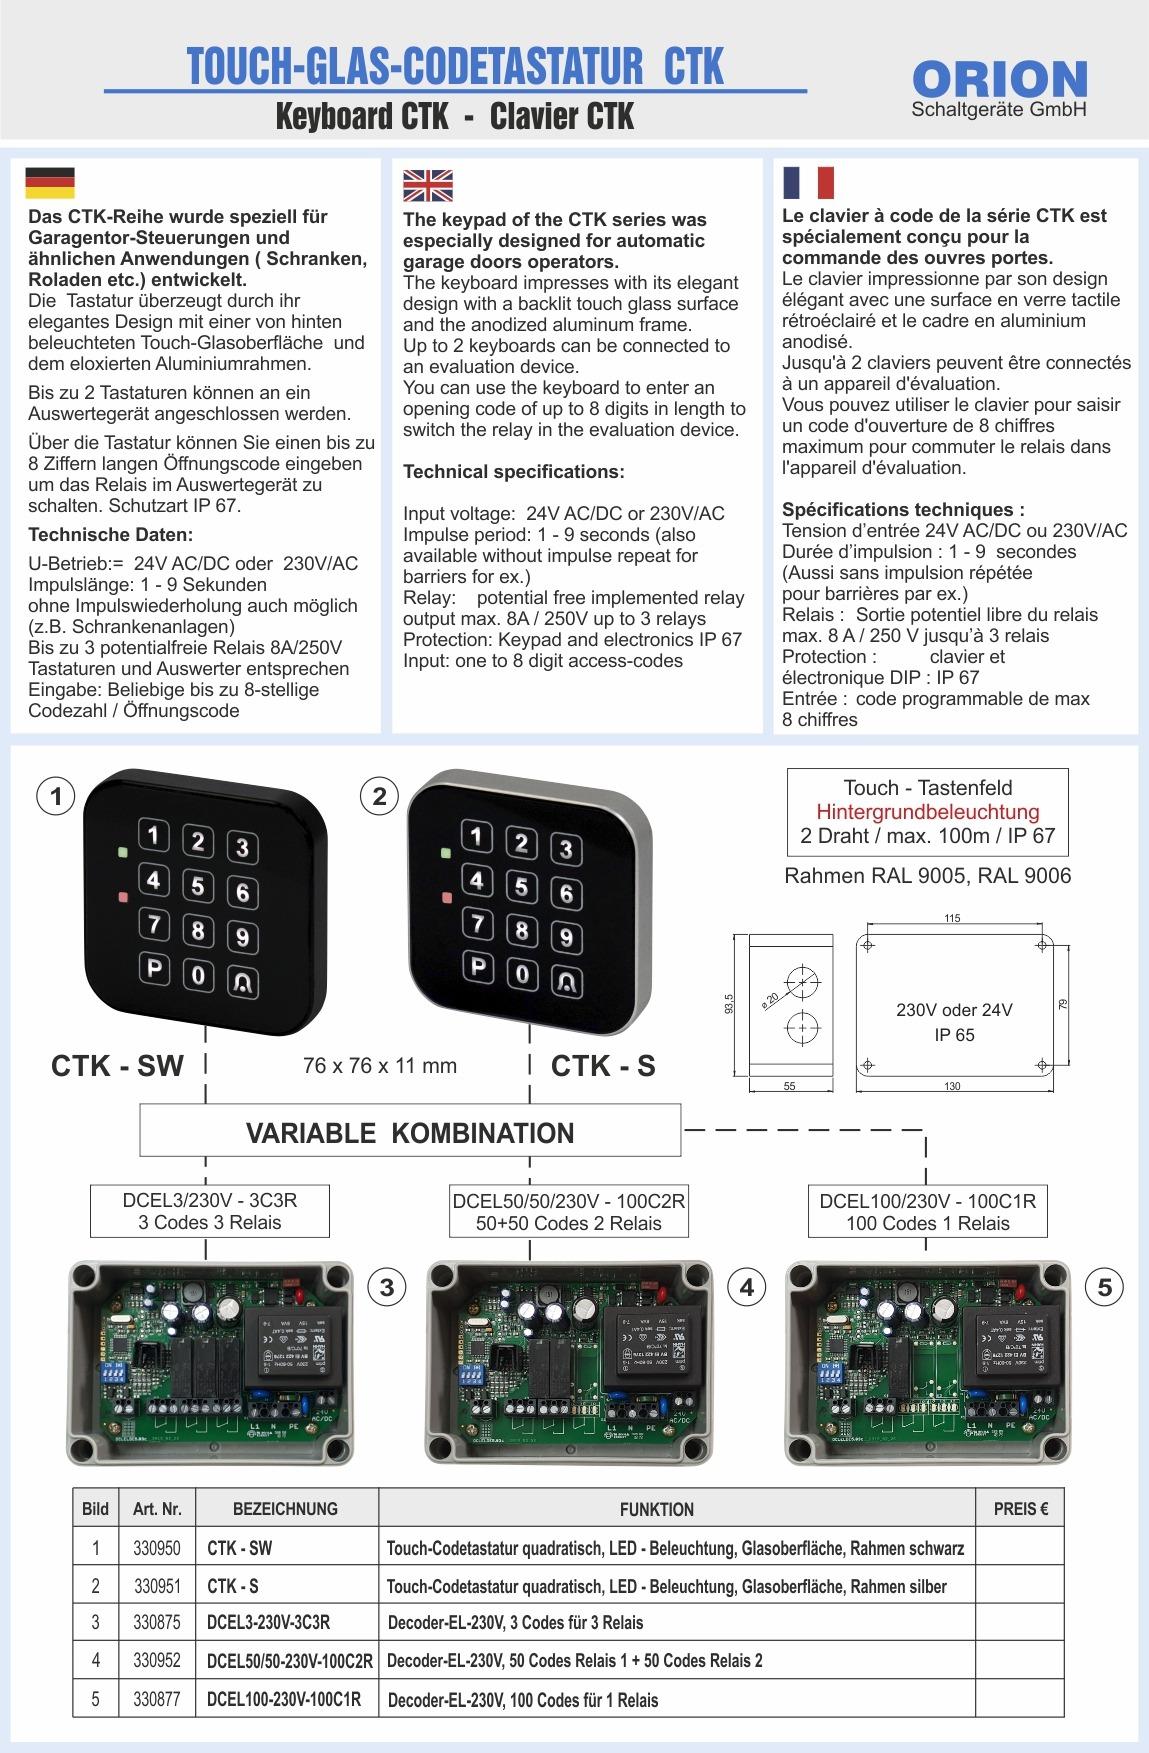 Touch-Codetaster Codetastatur